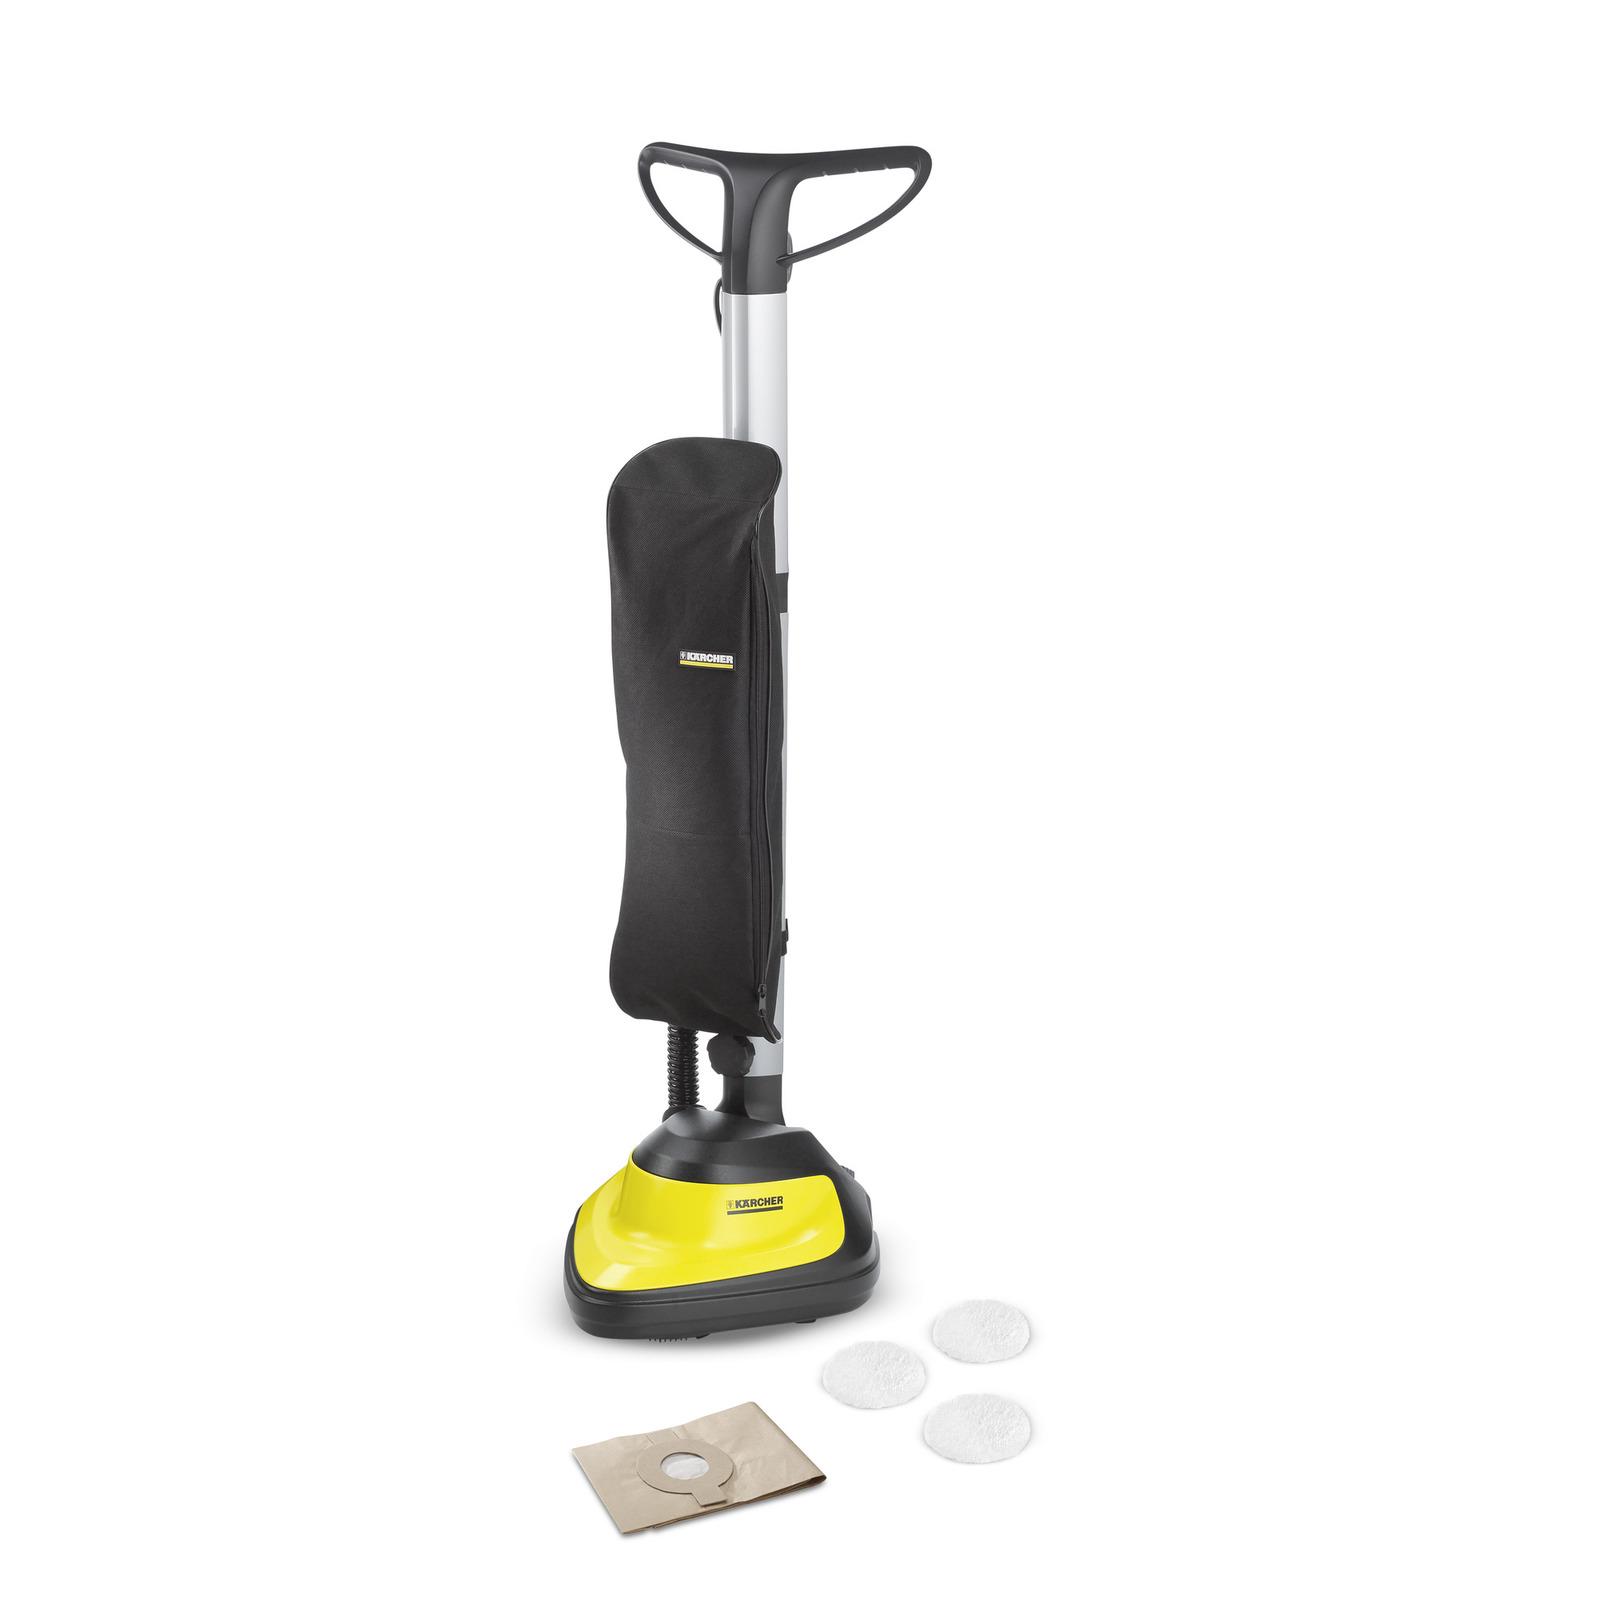 KARCHER 1.056-822.0 - FP303 Floor Polisher